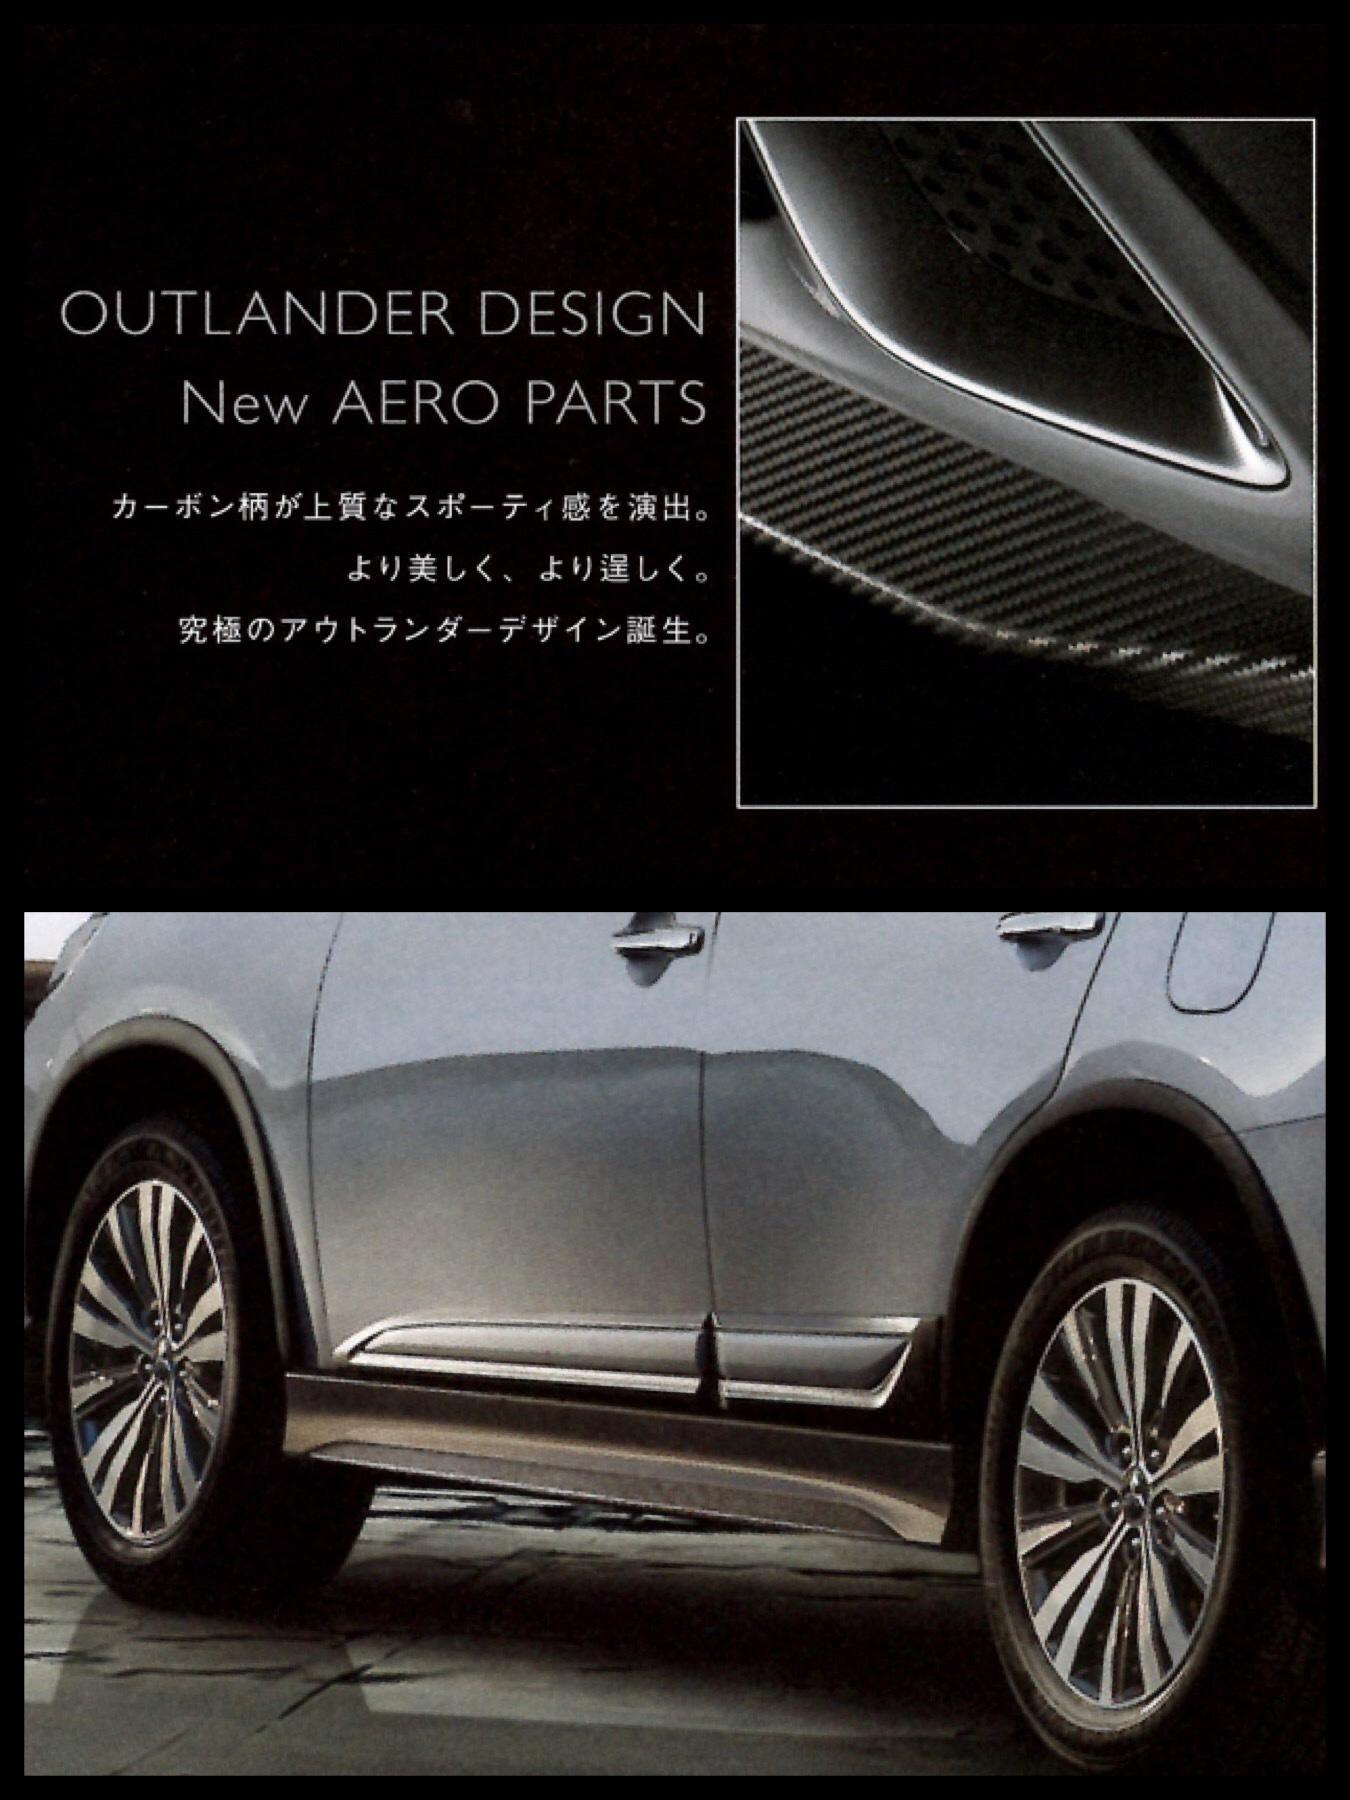 三菱アウトランダー ガソリン2019モデル アクセサリーカタログ